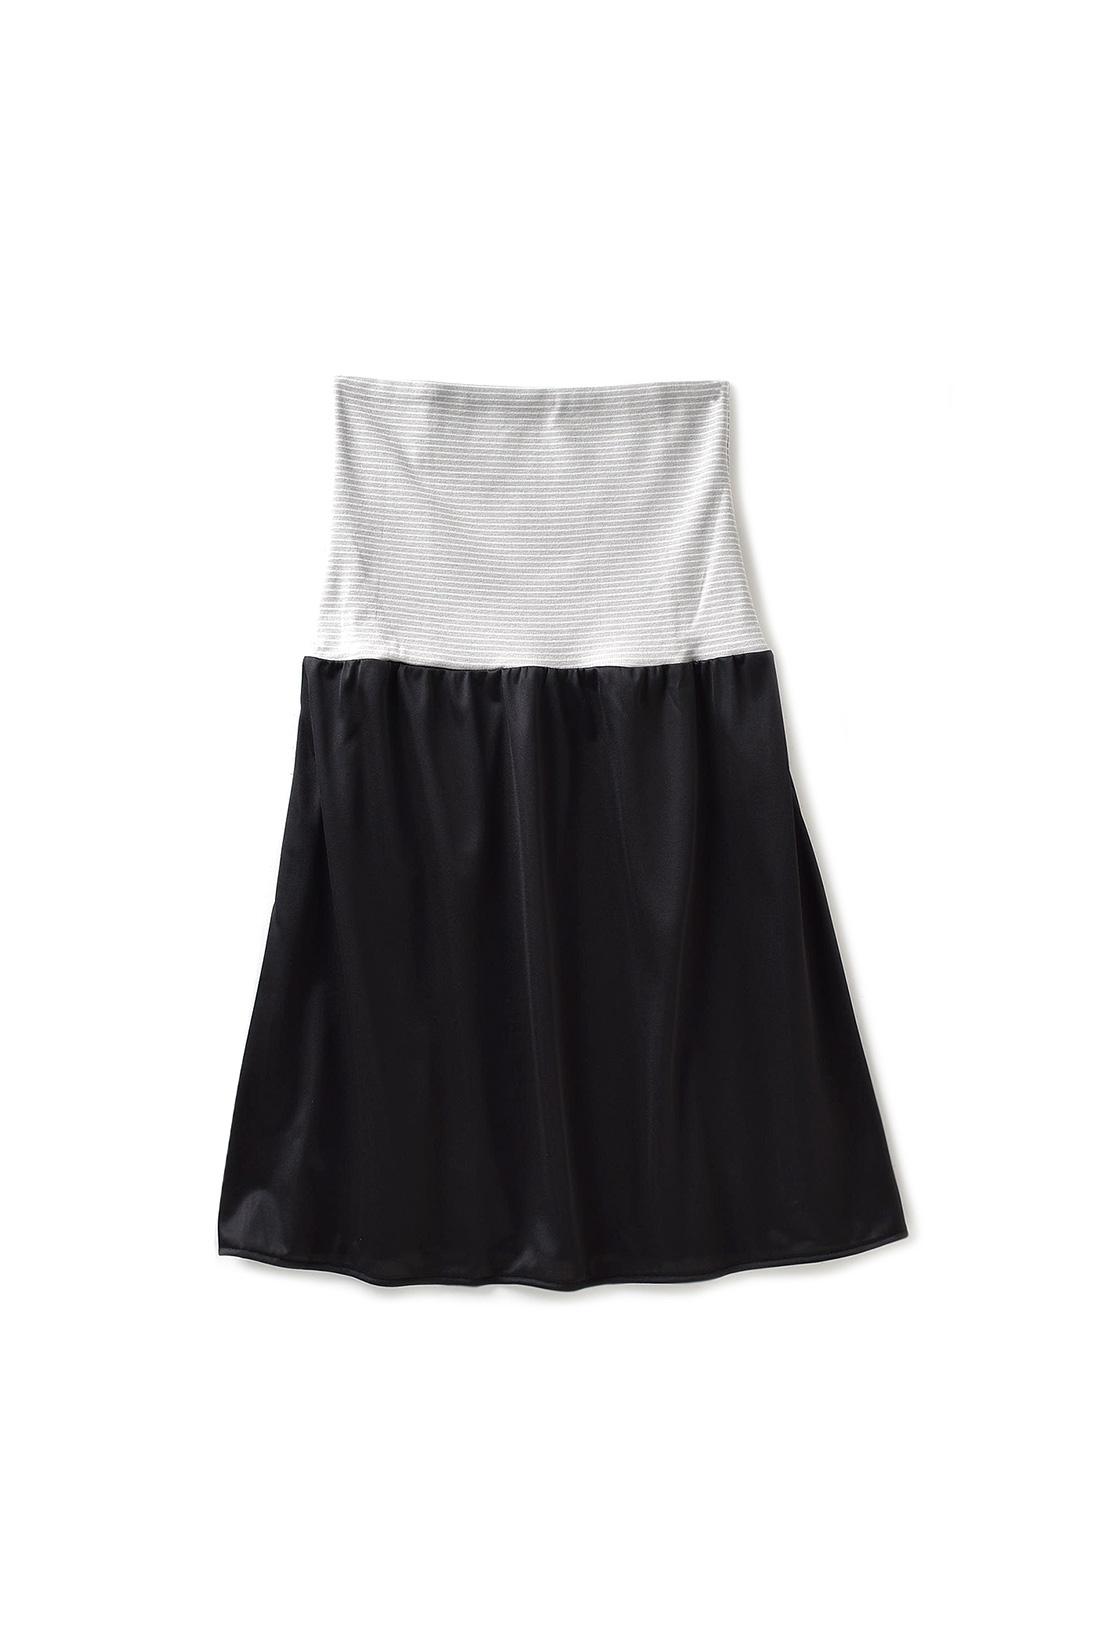 おなかにくい込みにくい幅広のカットソー素材。上げ下げすることでスカートの長さに合わせて丈調節。